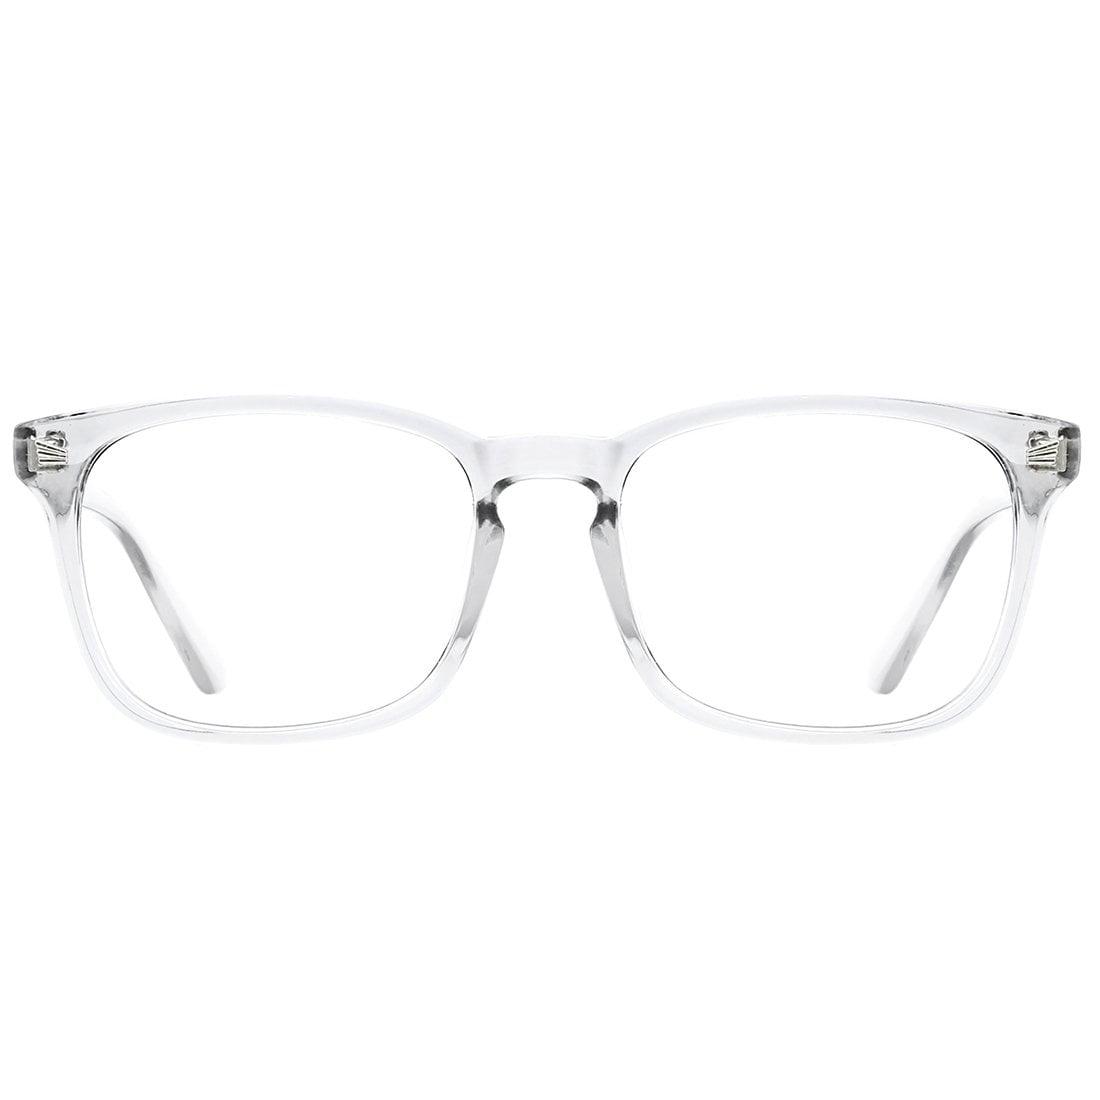 Blue Light Blocking Glasses Square Nerd Eyeglasses Frame